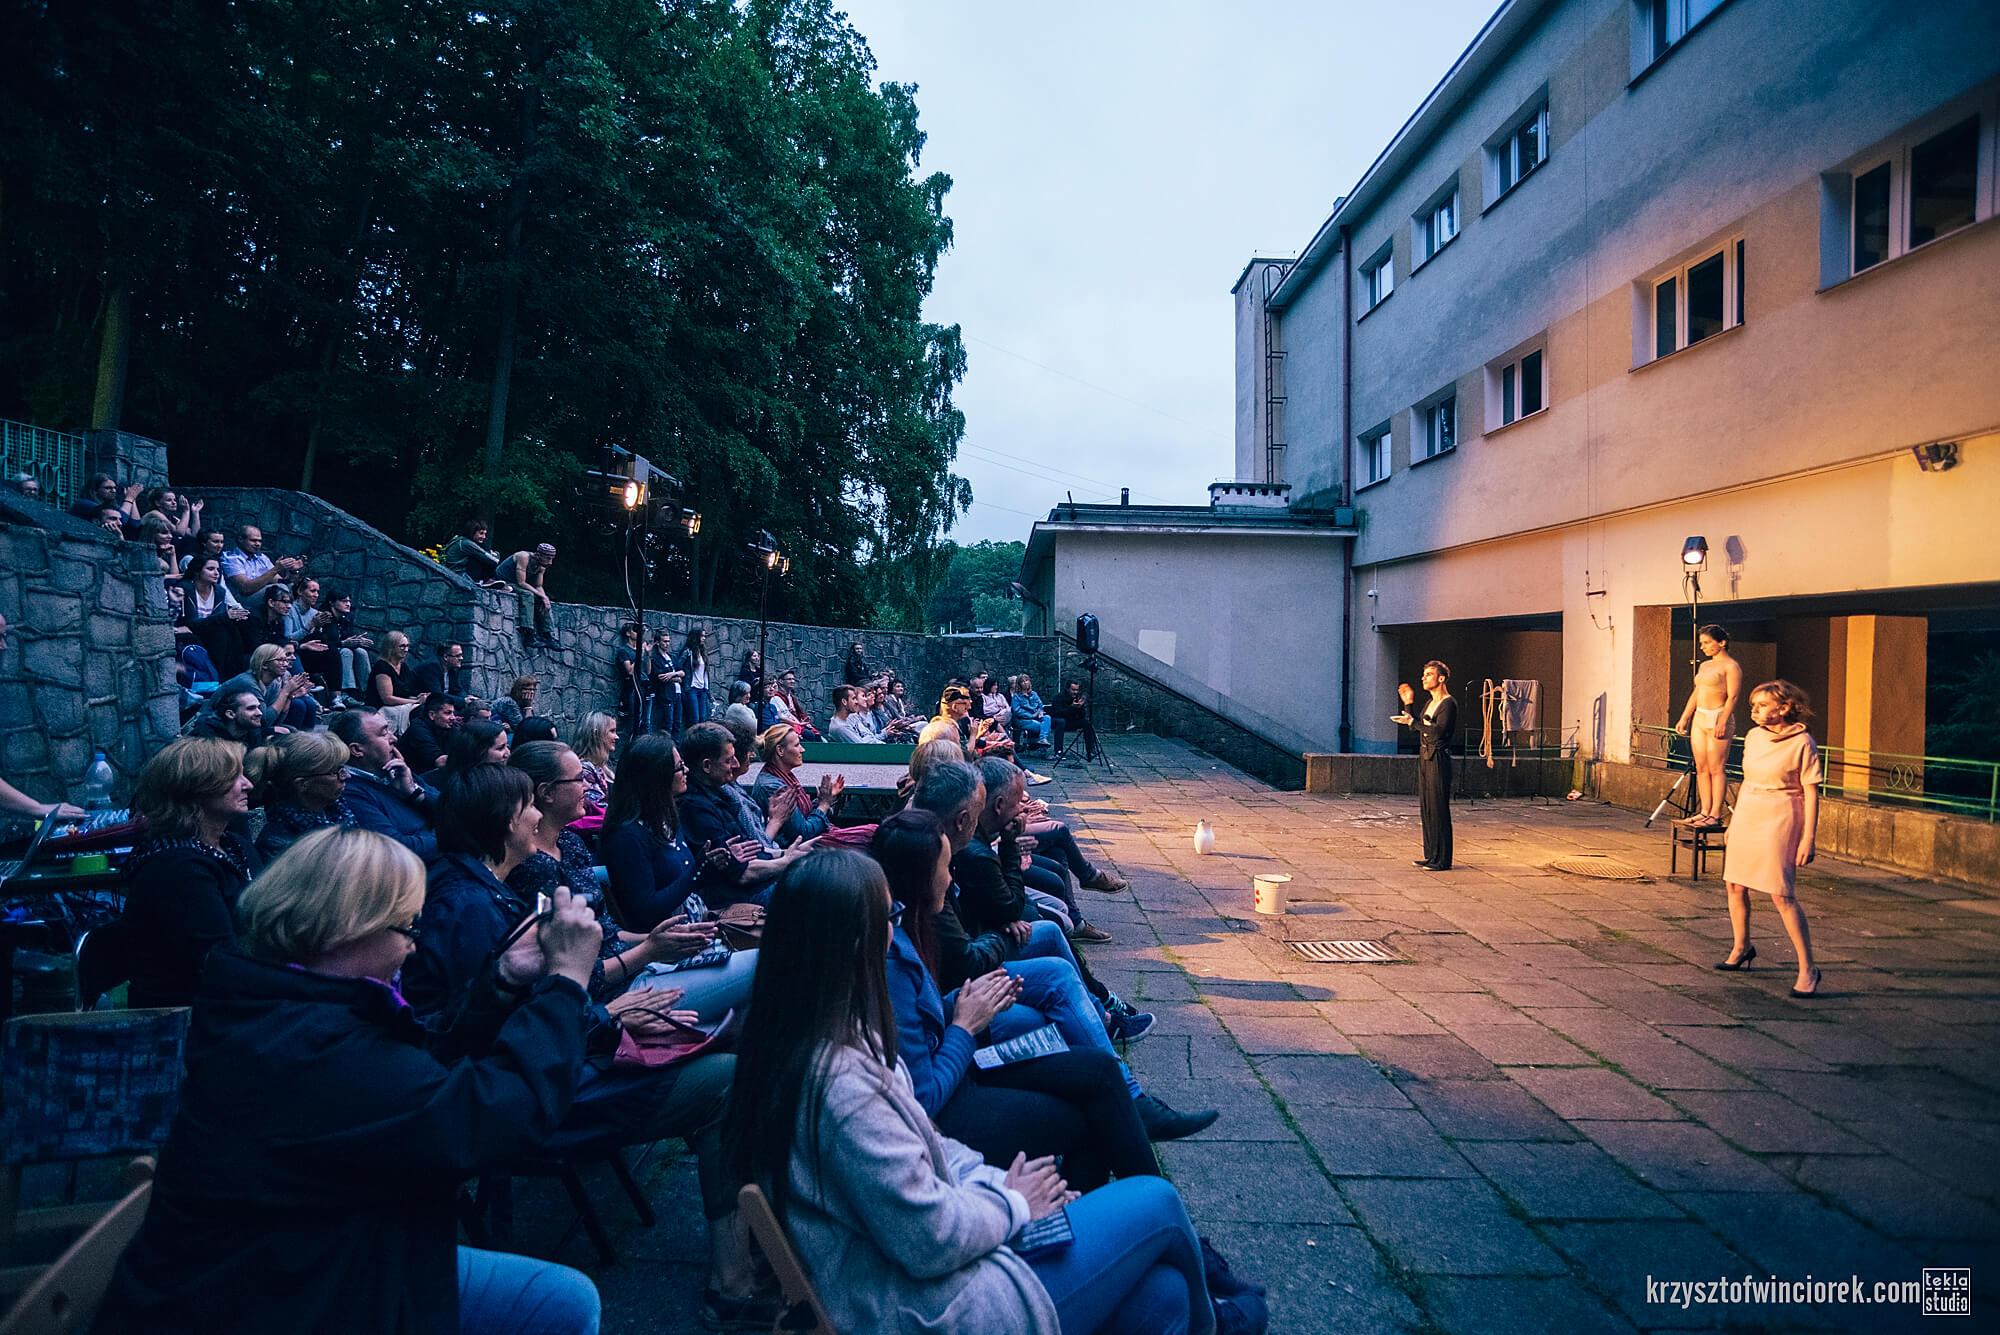 Zdjęcie z festiwalu Pociąg do miasta. Publiczność zgromadzona na schodach przy szkole. Na przeciwko nich trójka aktorów.